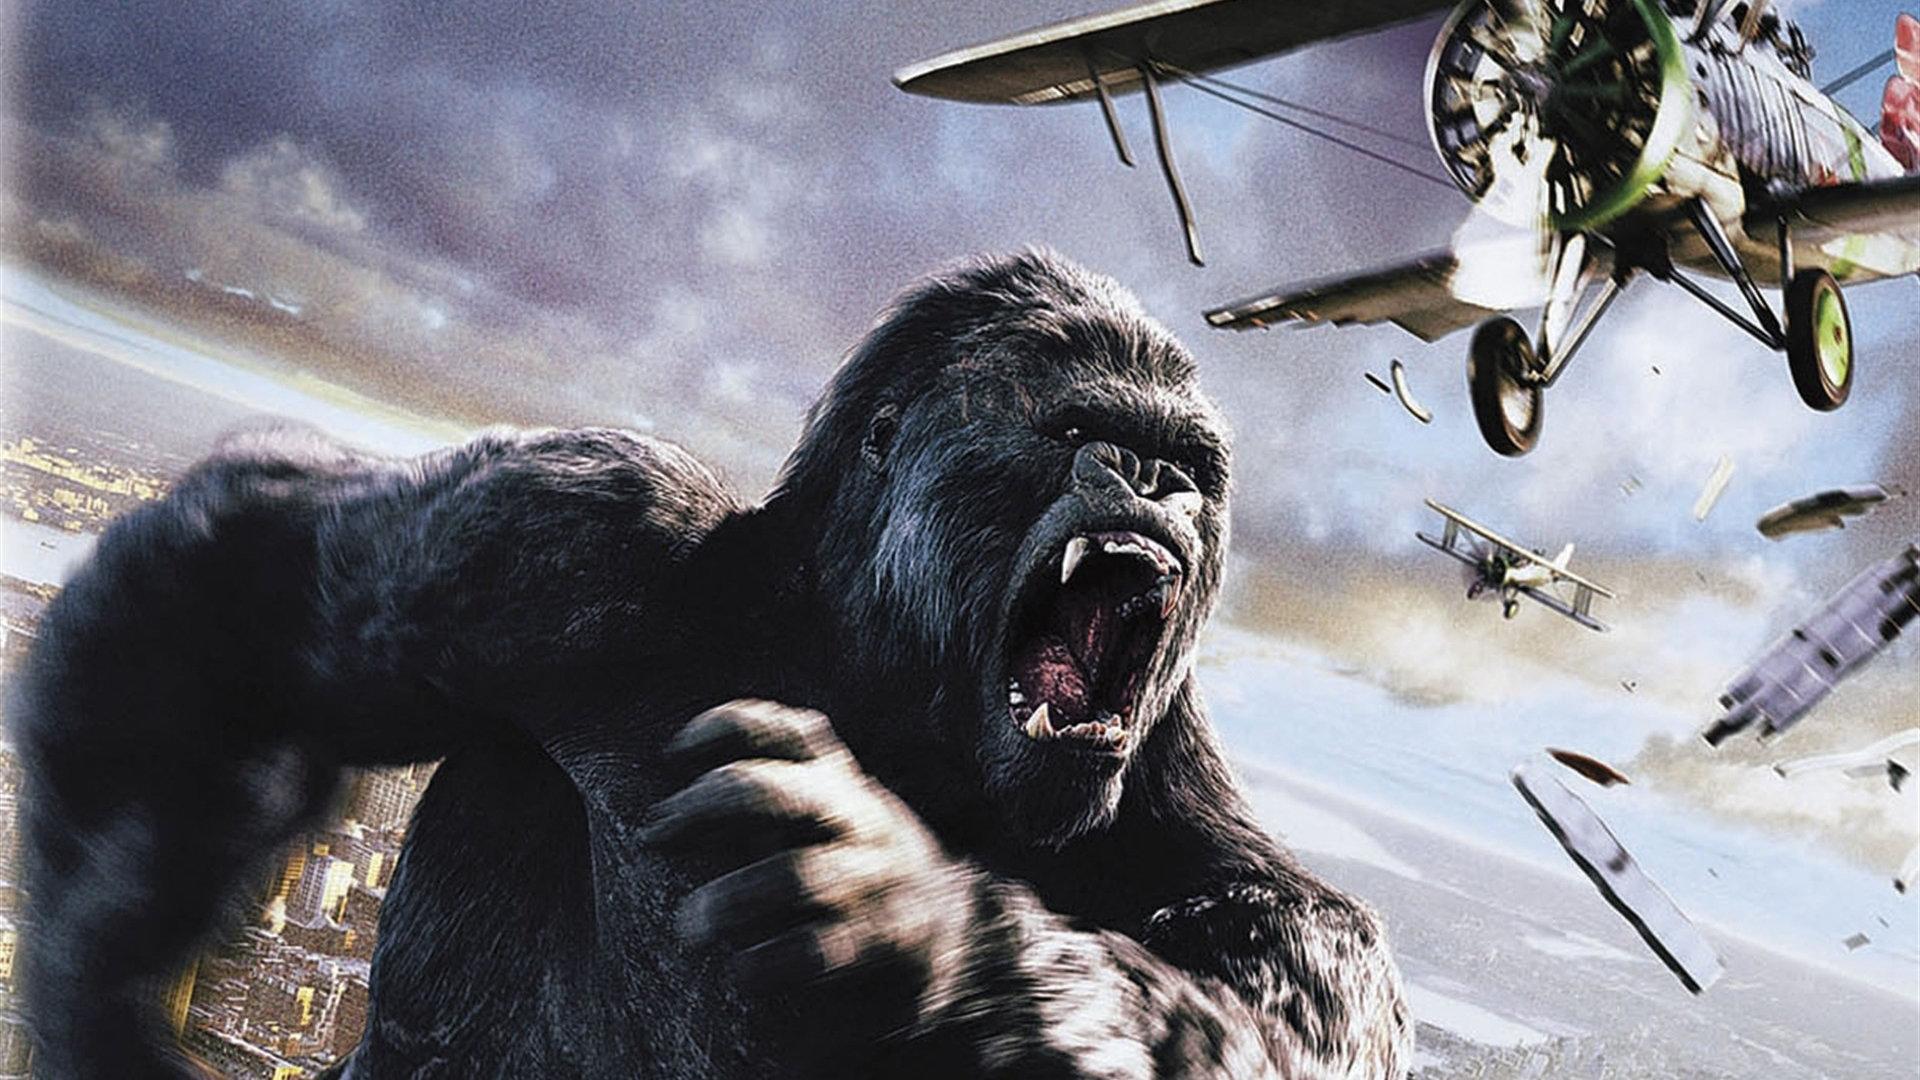 安尖声惊叫,引来了传说中骷髅岛的猩猩——金刚的关注.